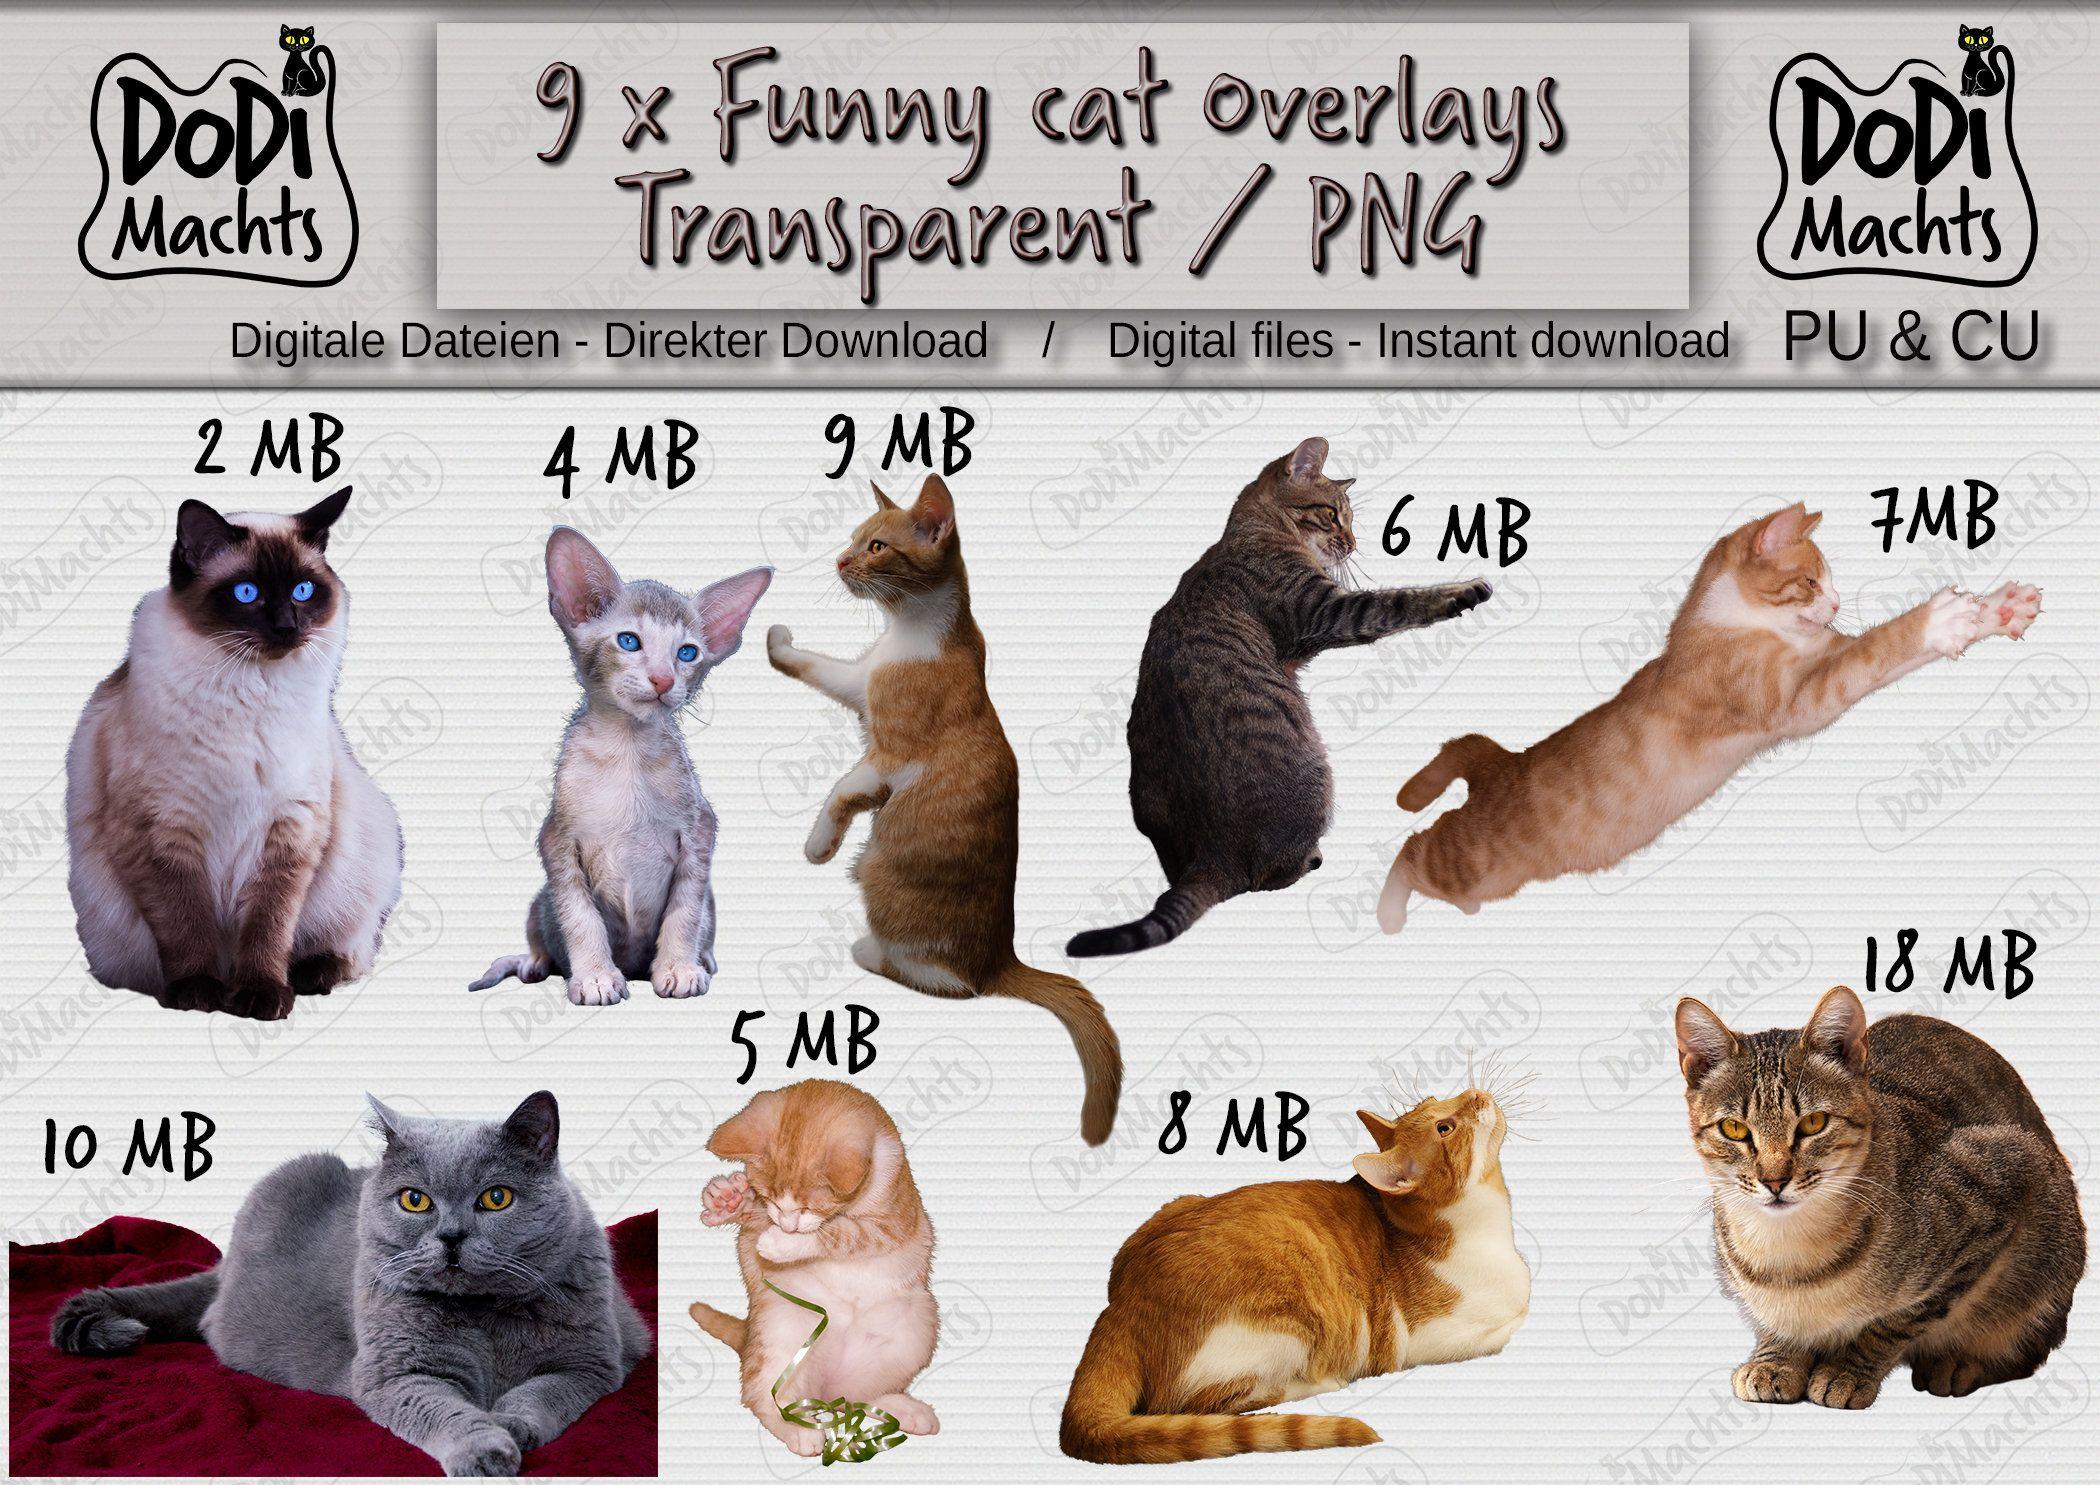 9 lustige Katzen Kitten Overlays PNG Transparent spielen, neugierig, Photoshop-Overlays Foto-Overlays, Digital, verschiedene Posen, CU